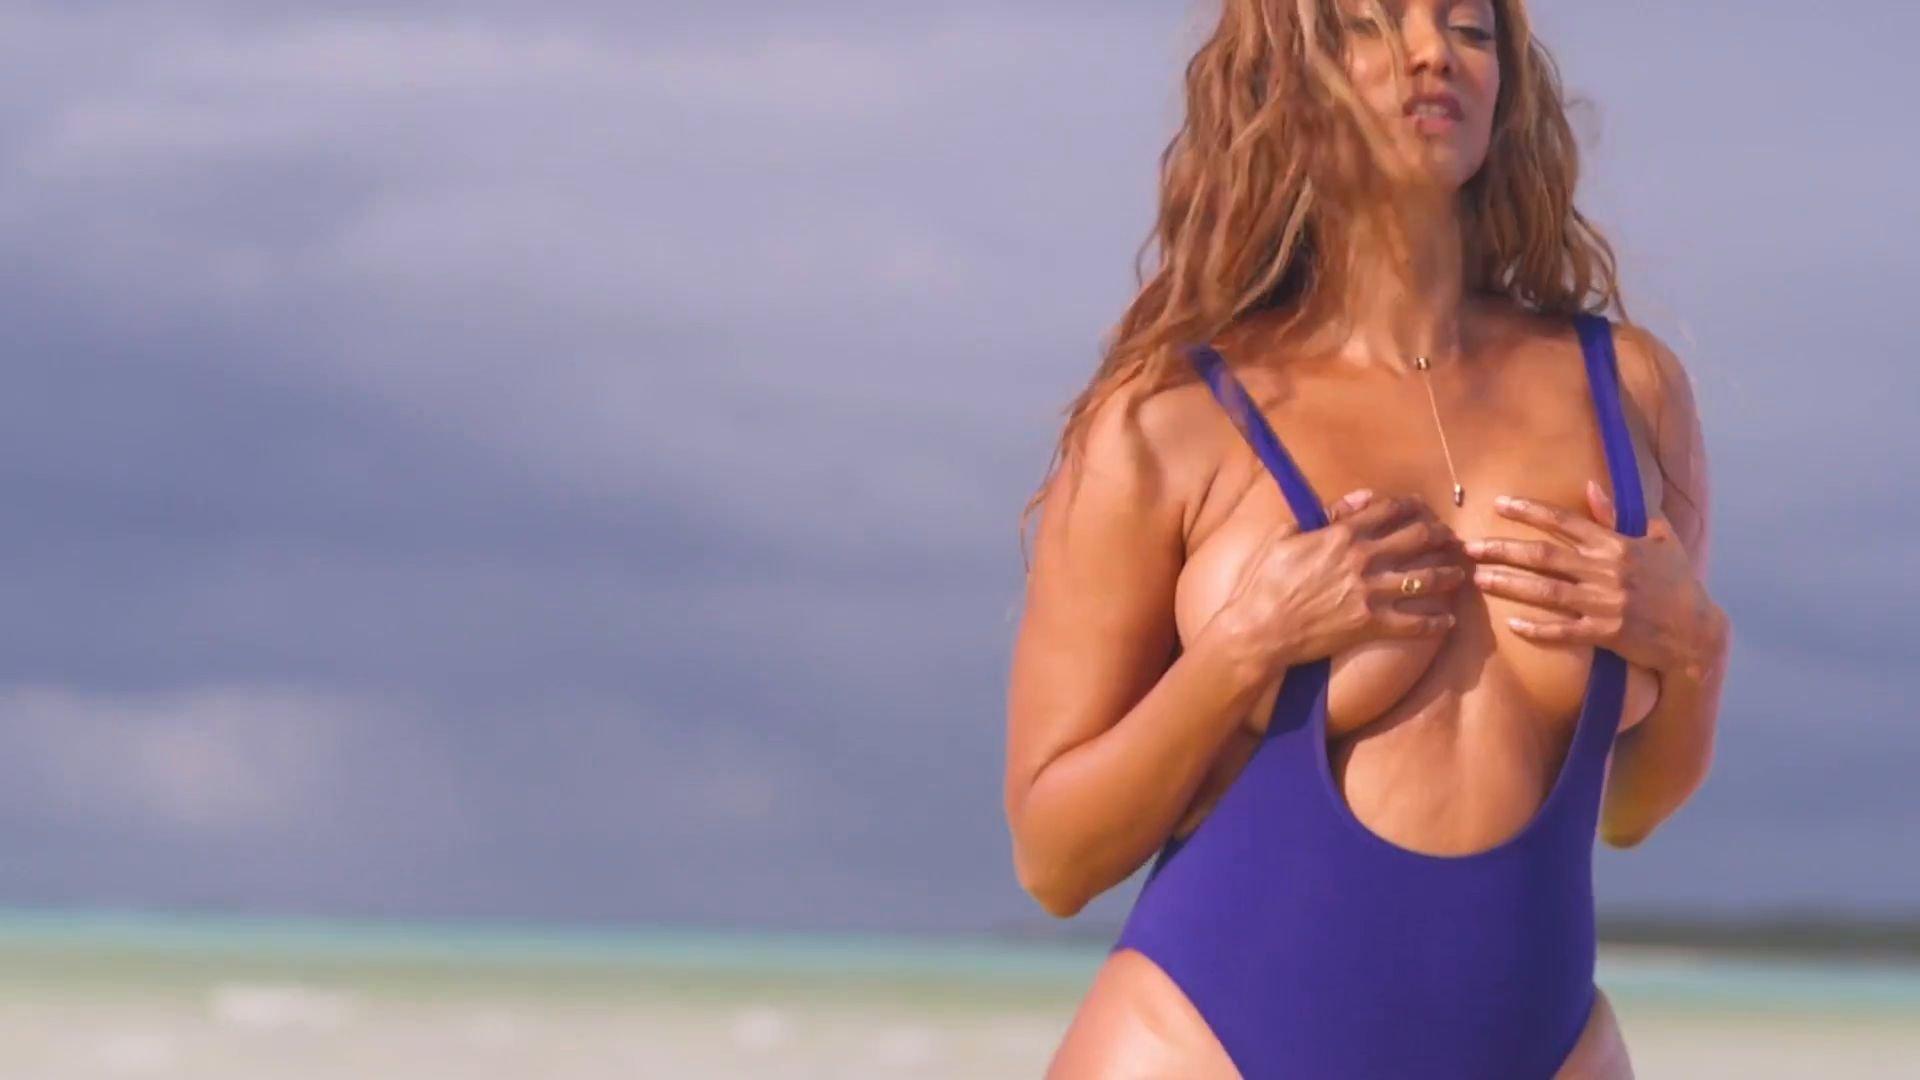 tyra banks bikini ass